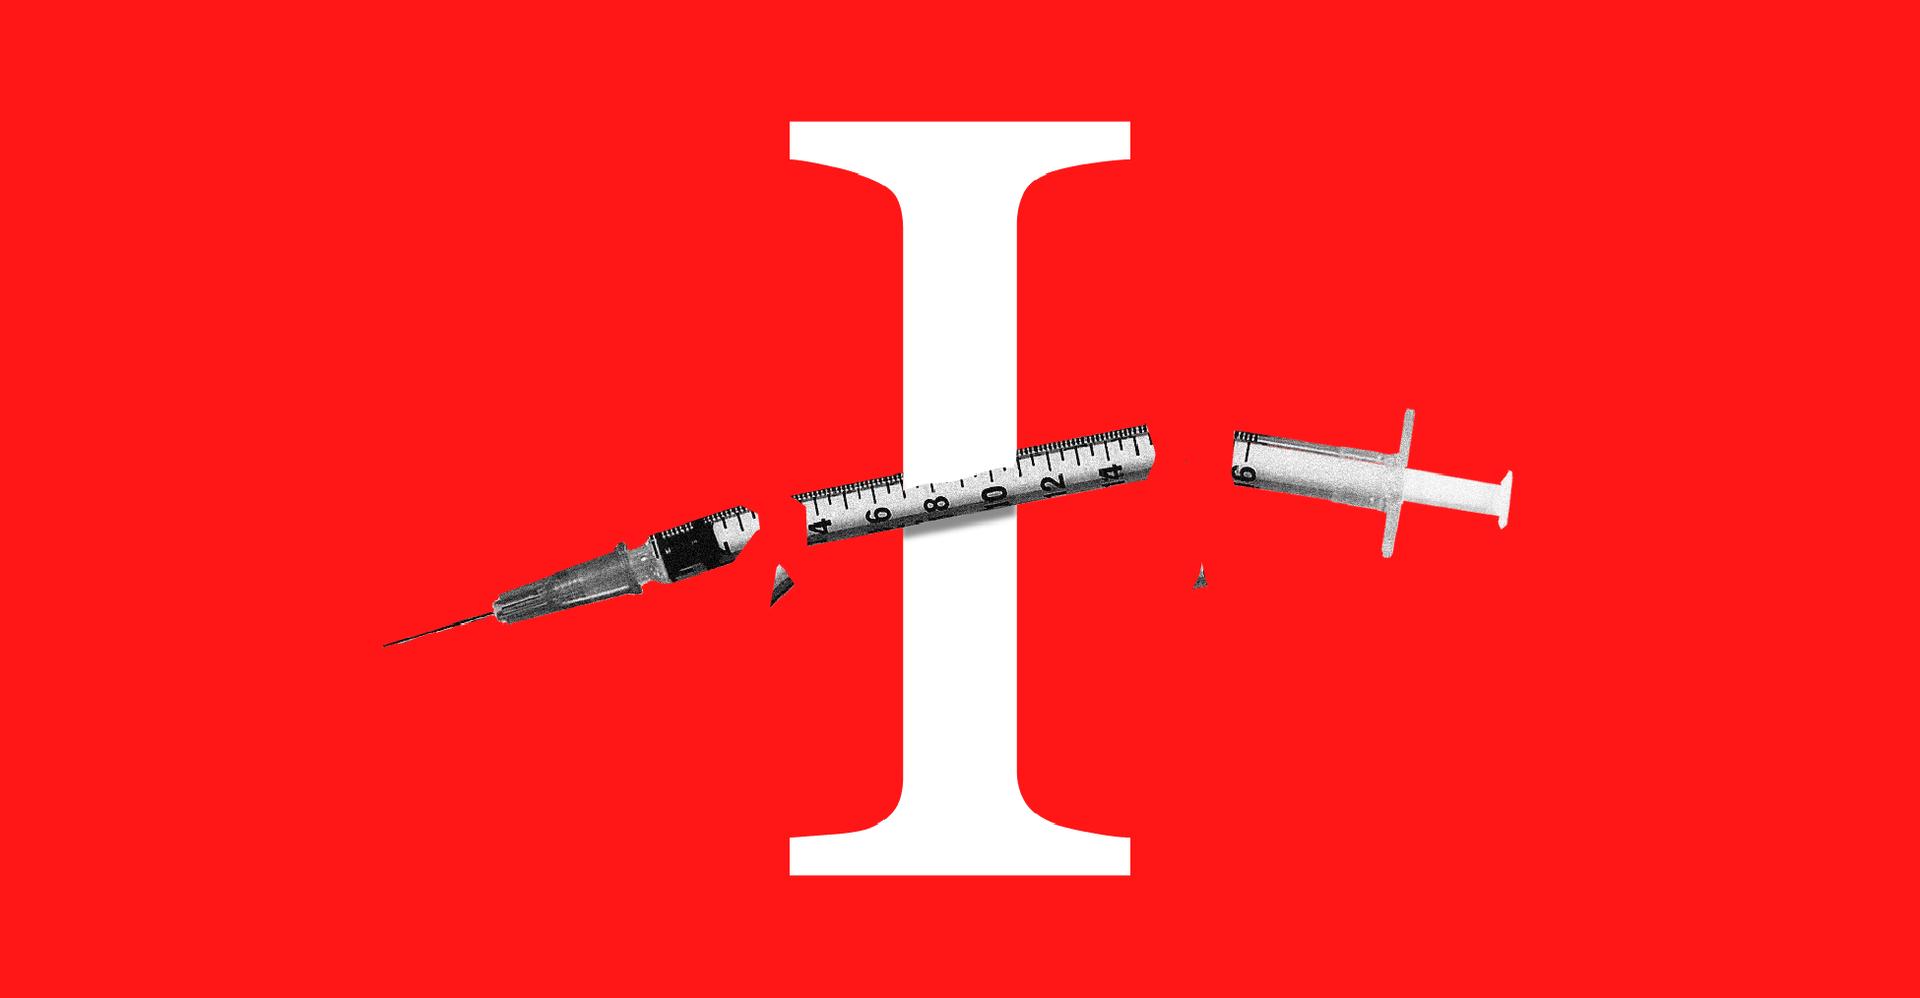 """Illustration of the letter """"I"""" and a broken syringe"""